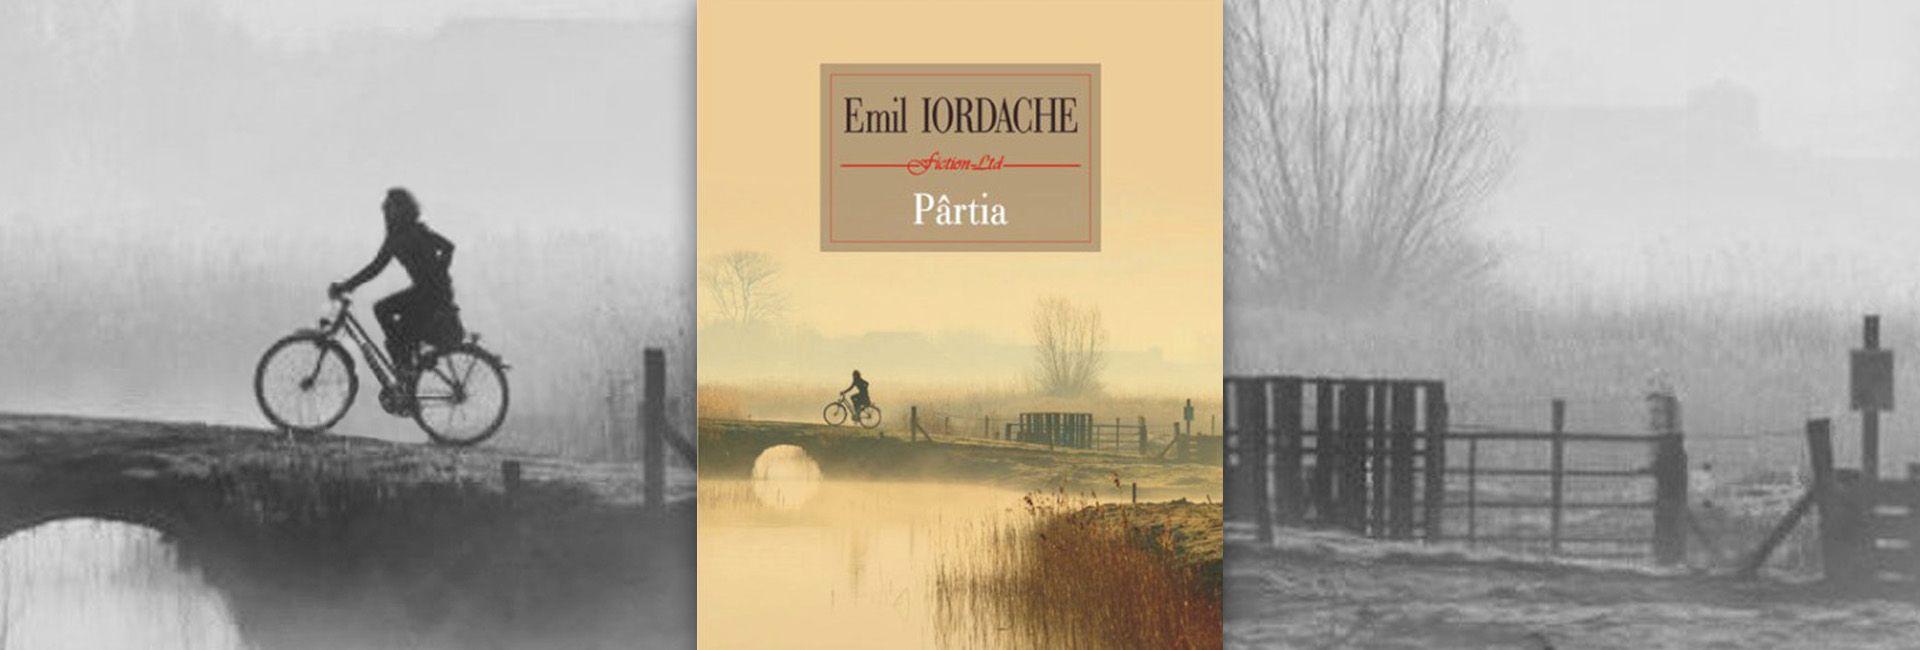 Pârtia Emil Iordache romanul nepublicat în comunism din motive de cenzură slider